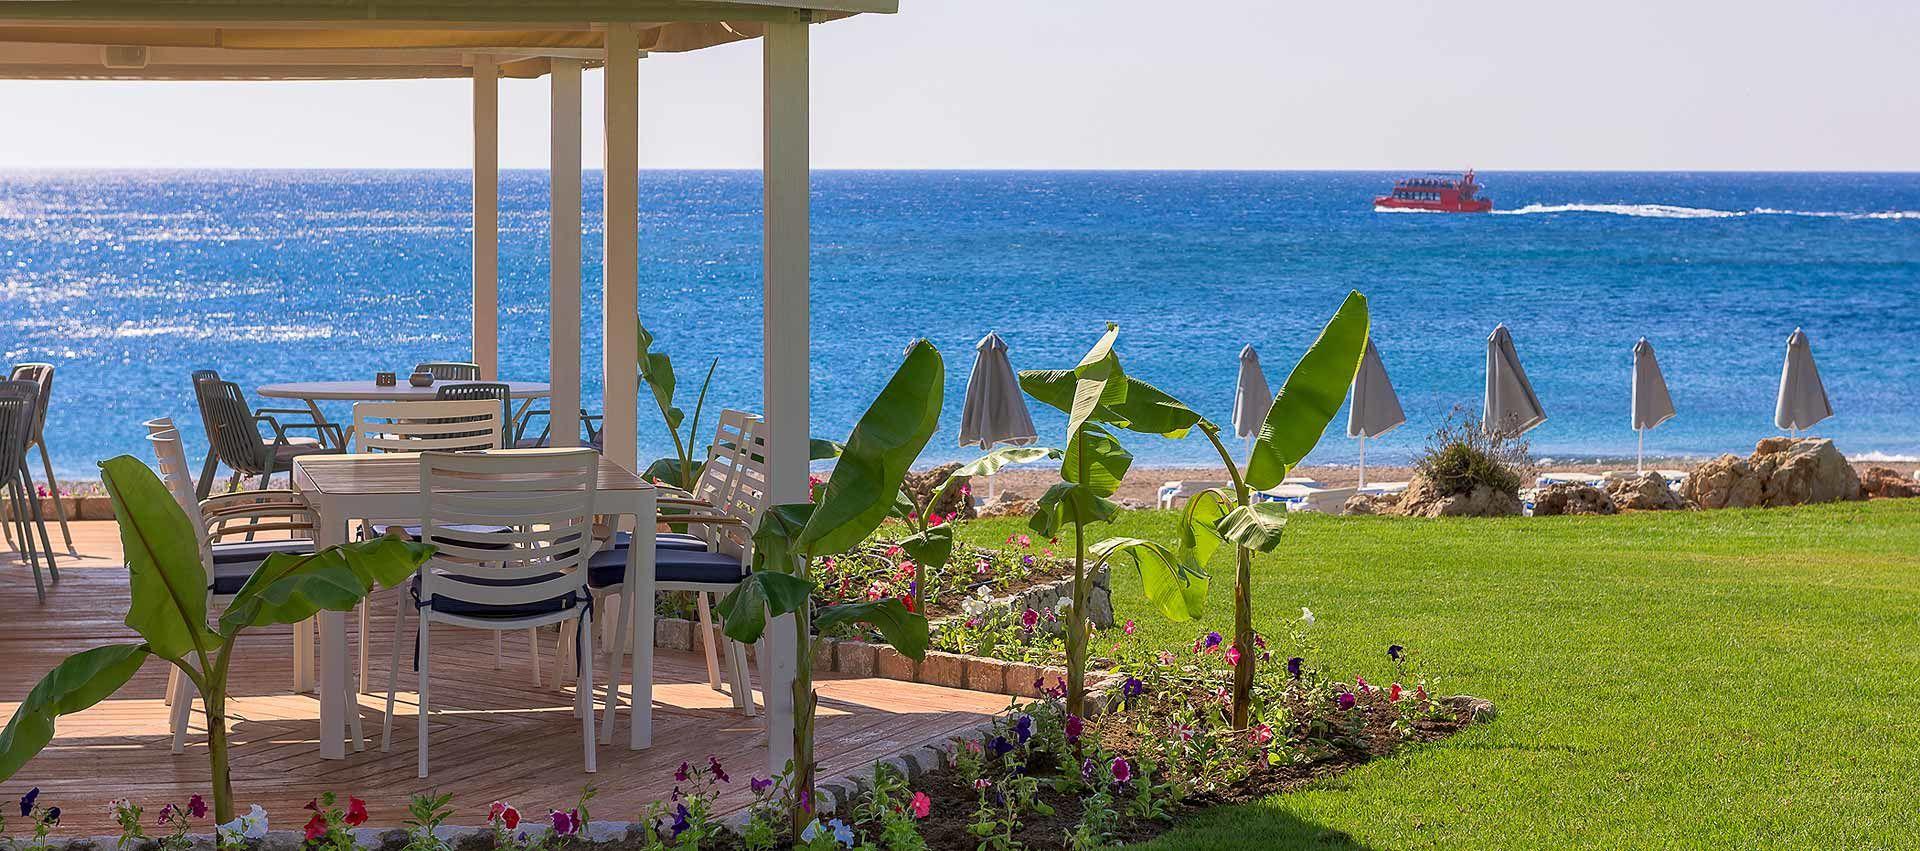 411_Beach_Bar_RODOS_PALLADIUM